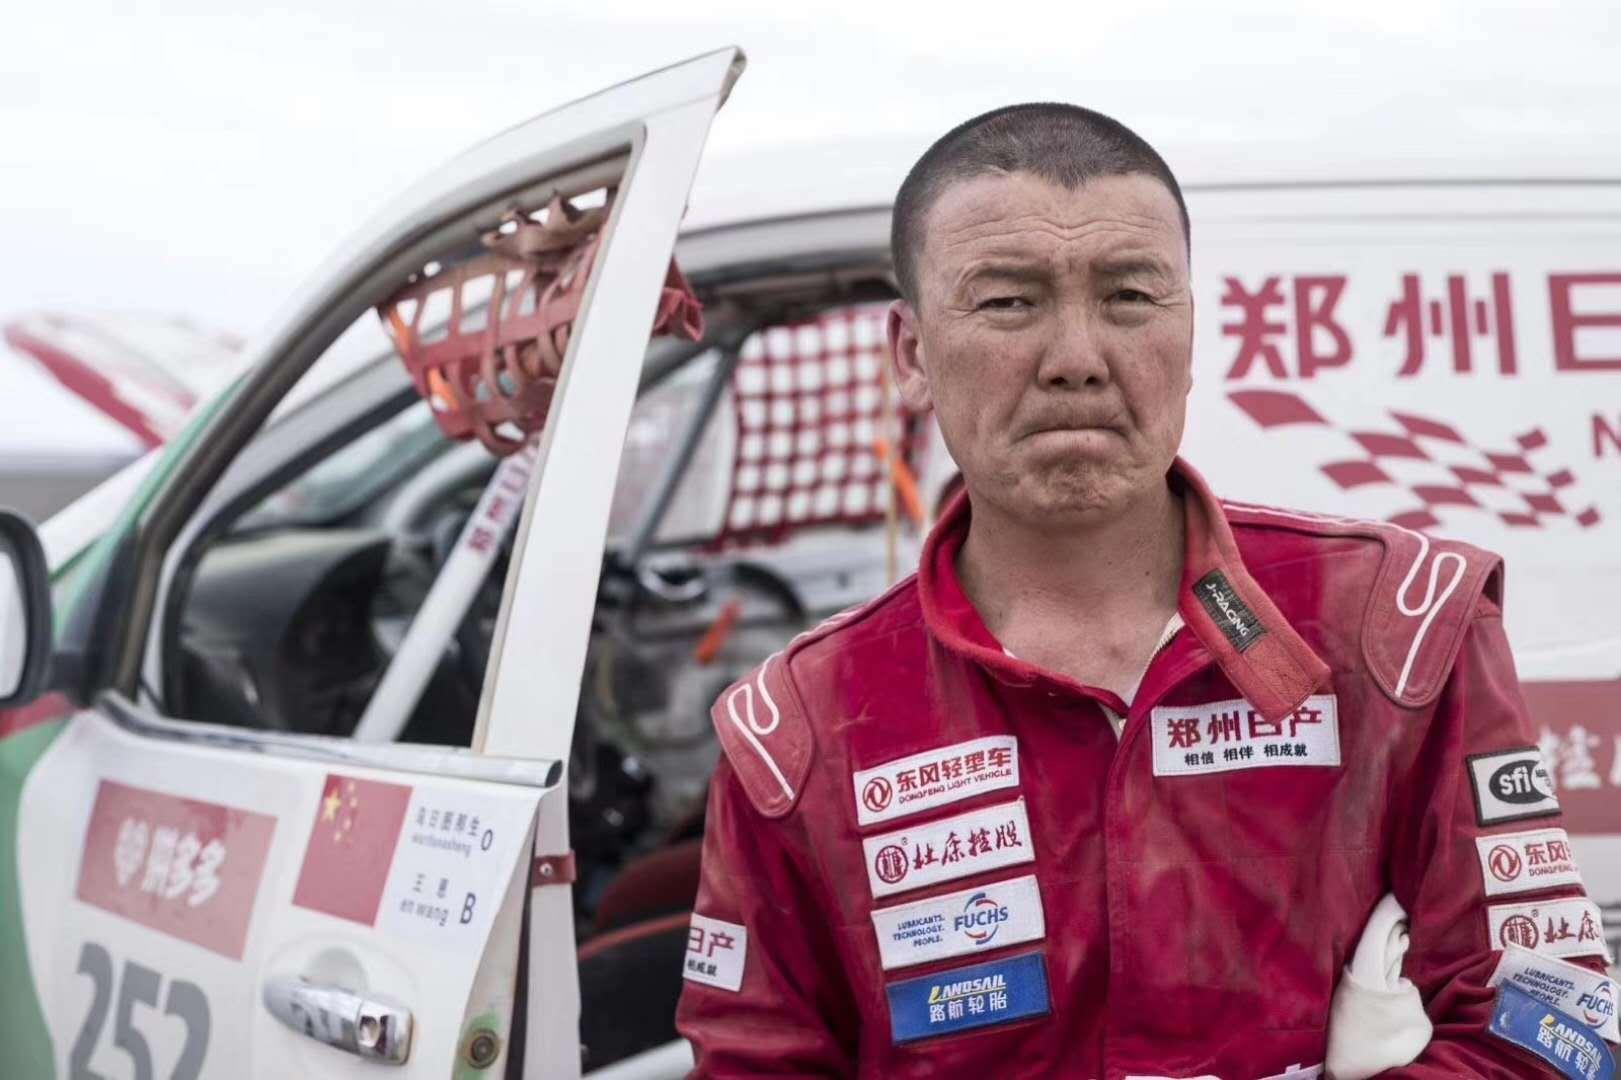 王者再登顶 郑州日产纳瓦拉车队捍卫环塔冠军